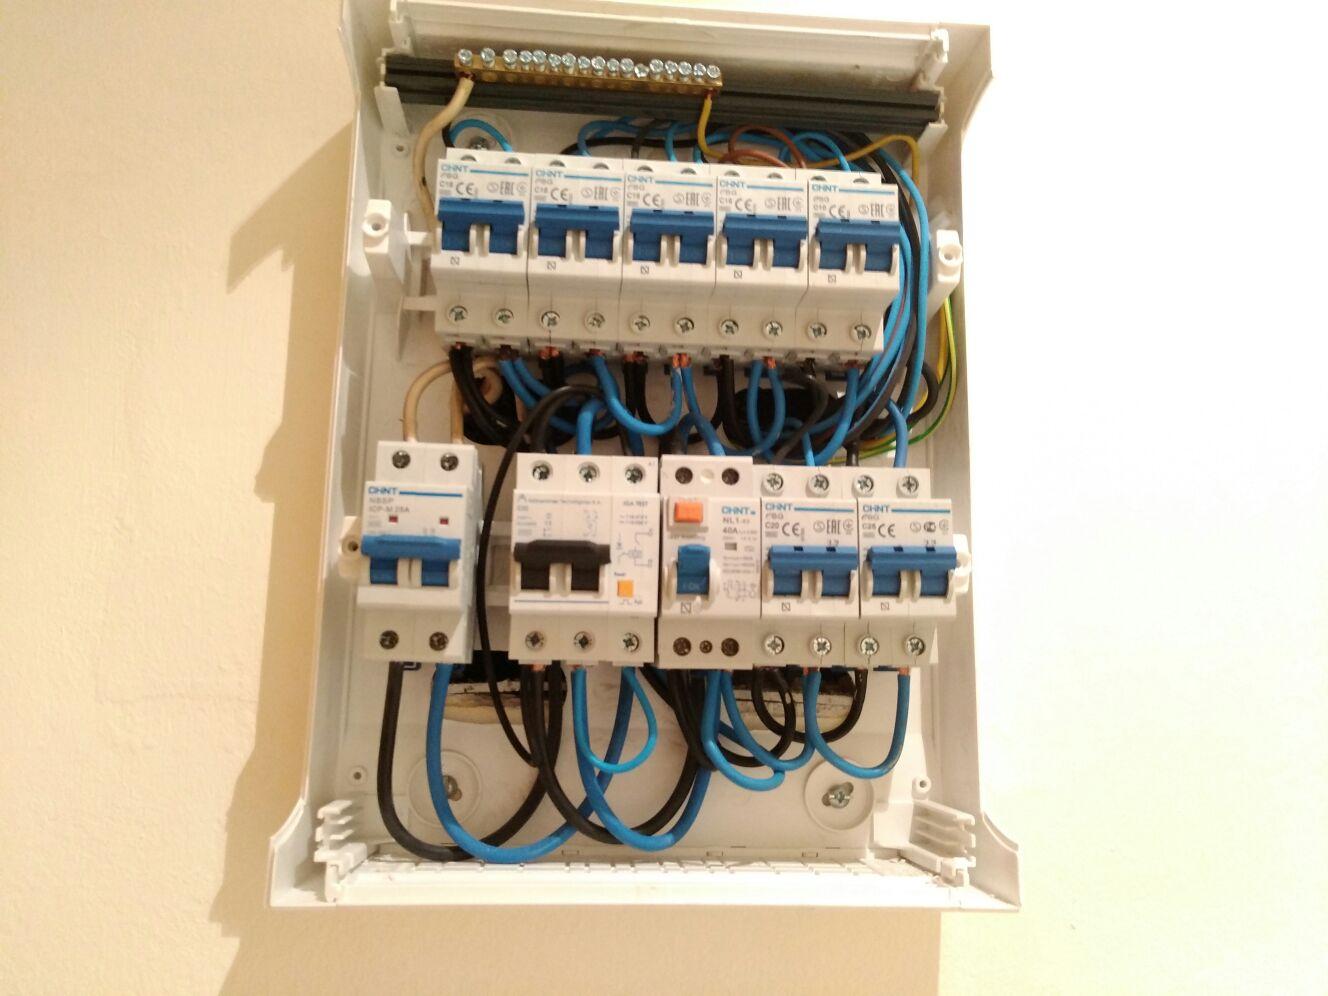 Problemas en instalación eléctrica. Recomendación de un buen profesional. Ip13bm